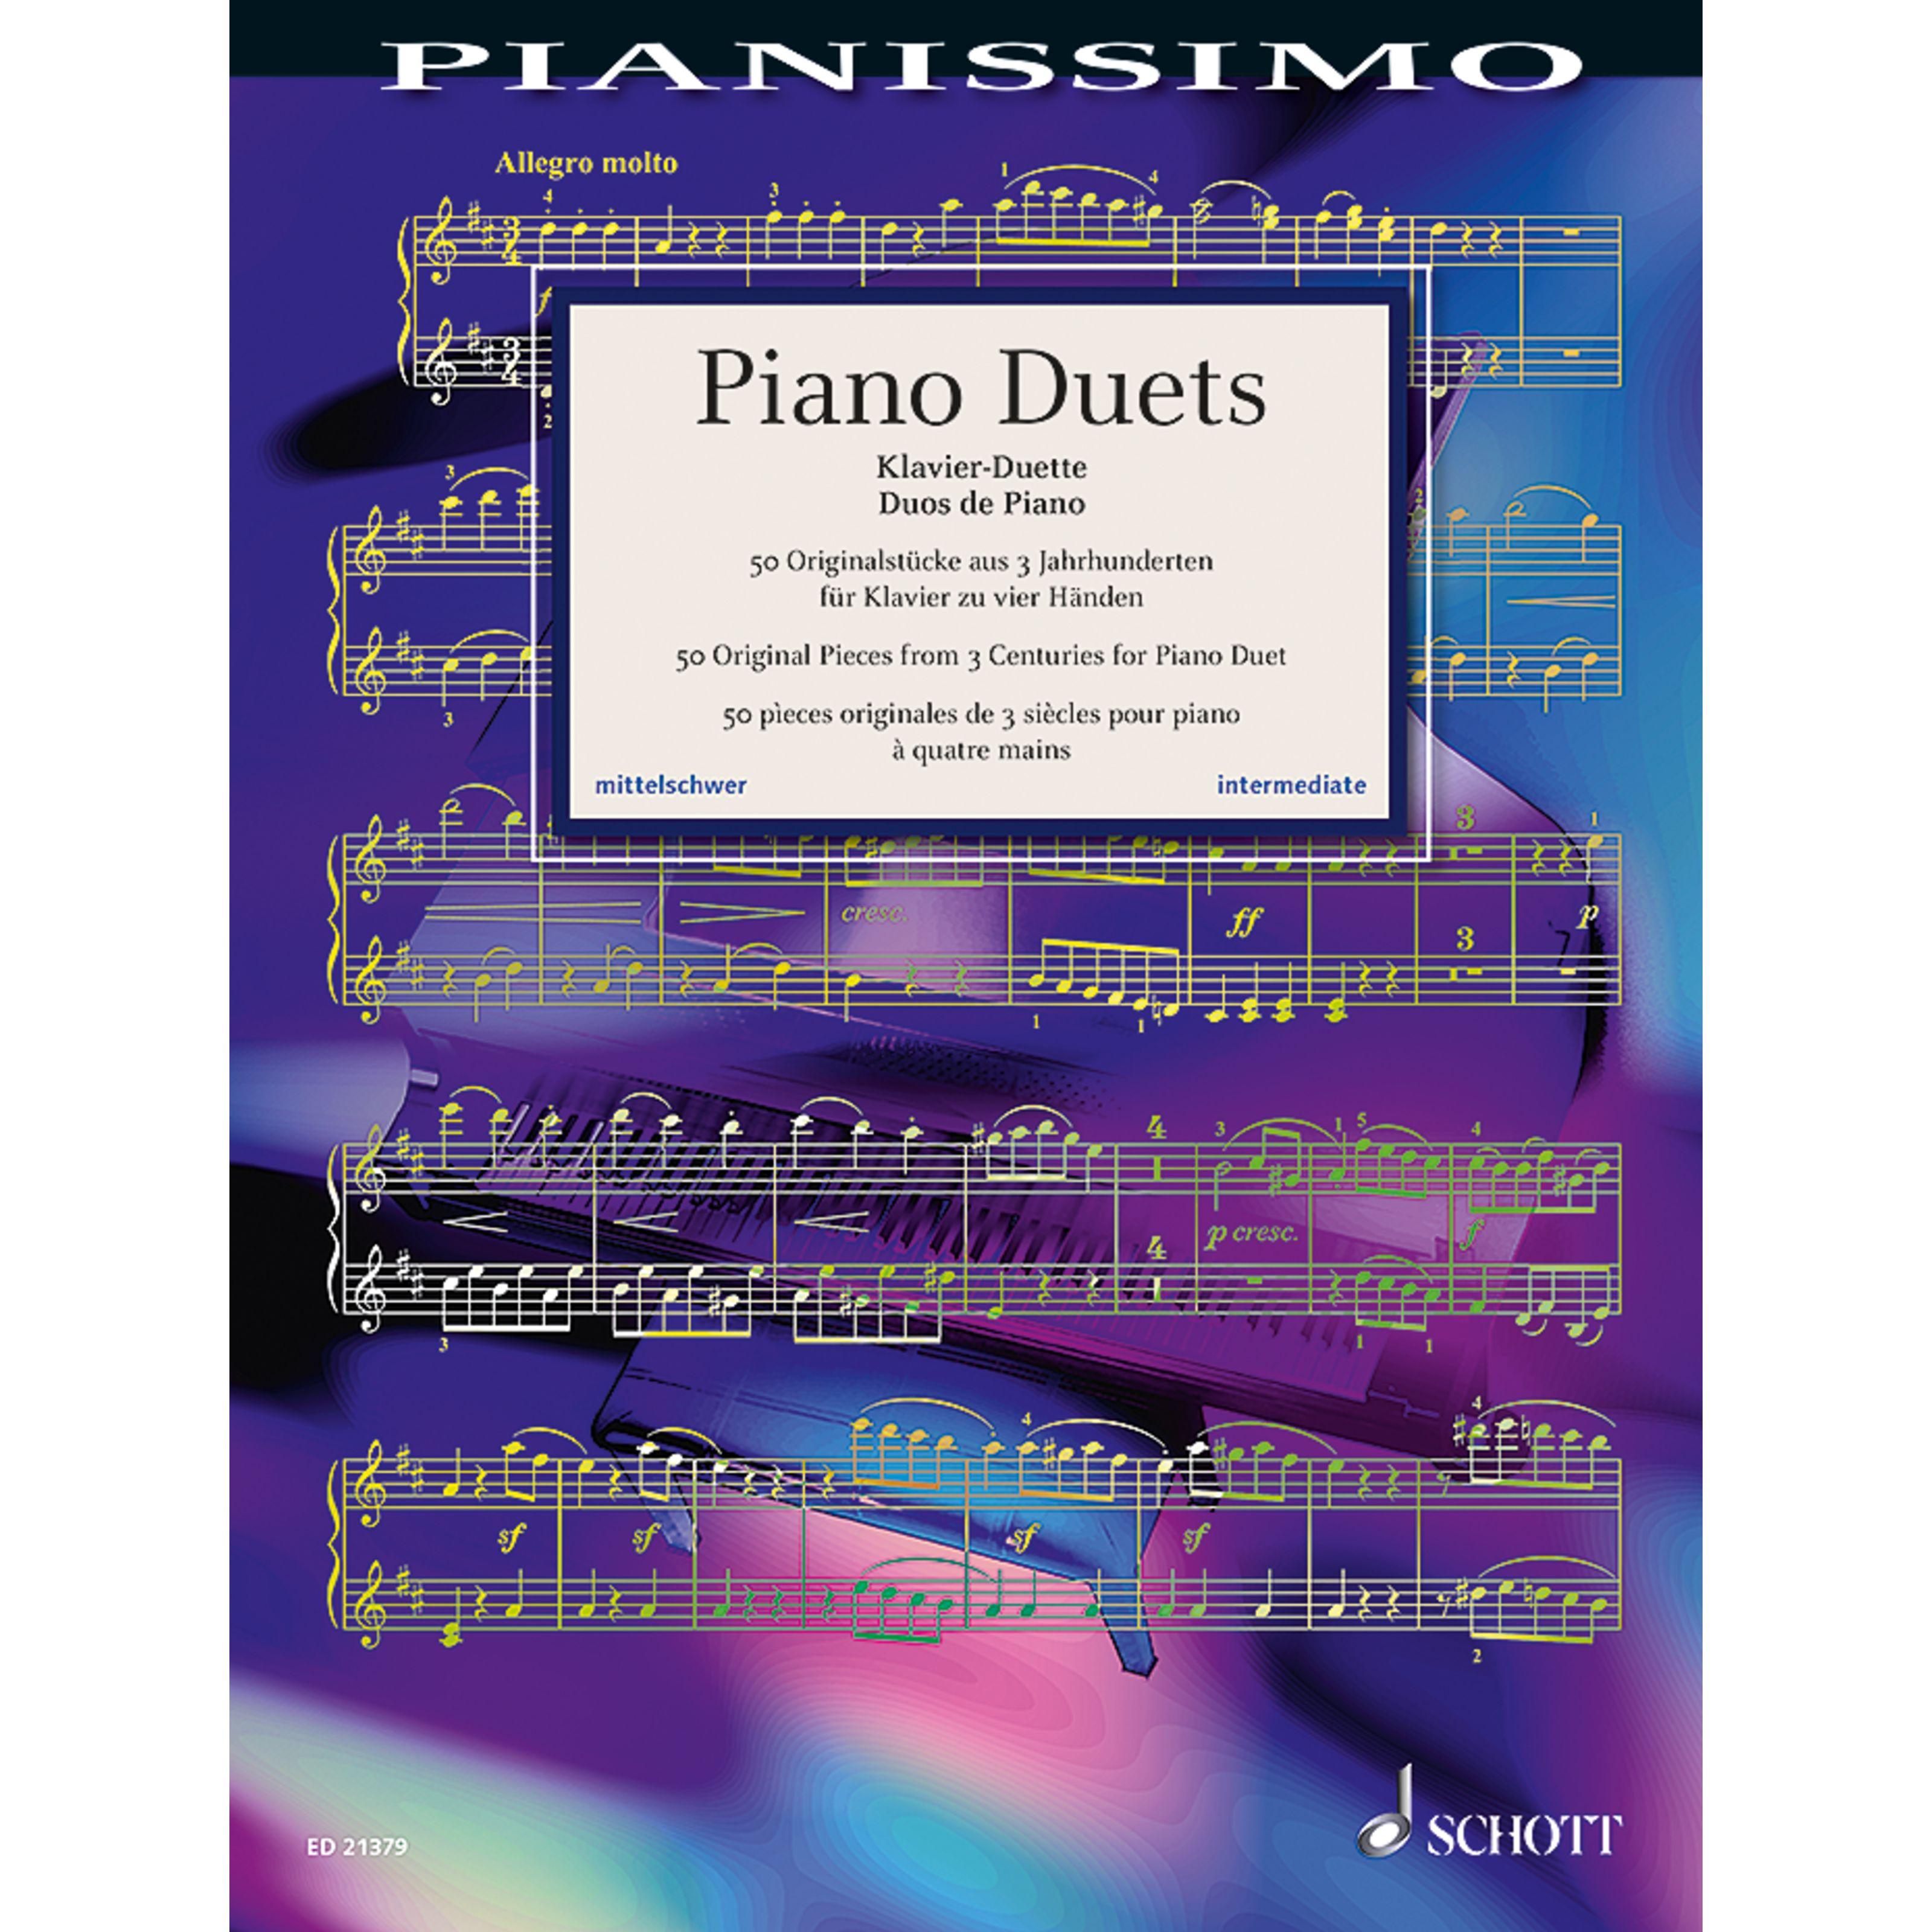 Schott Music - Piano Duets, 4ms Pianissimo ED 21379